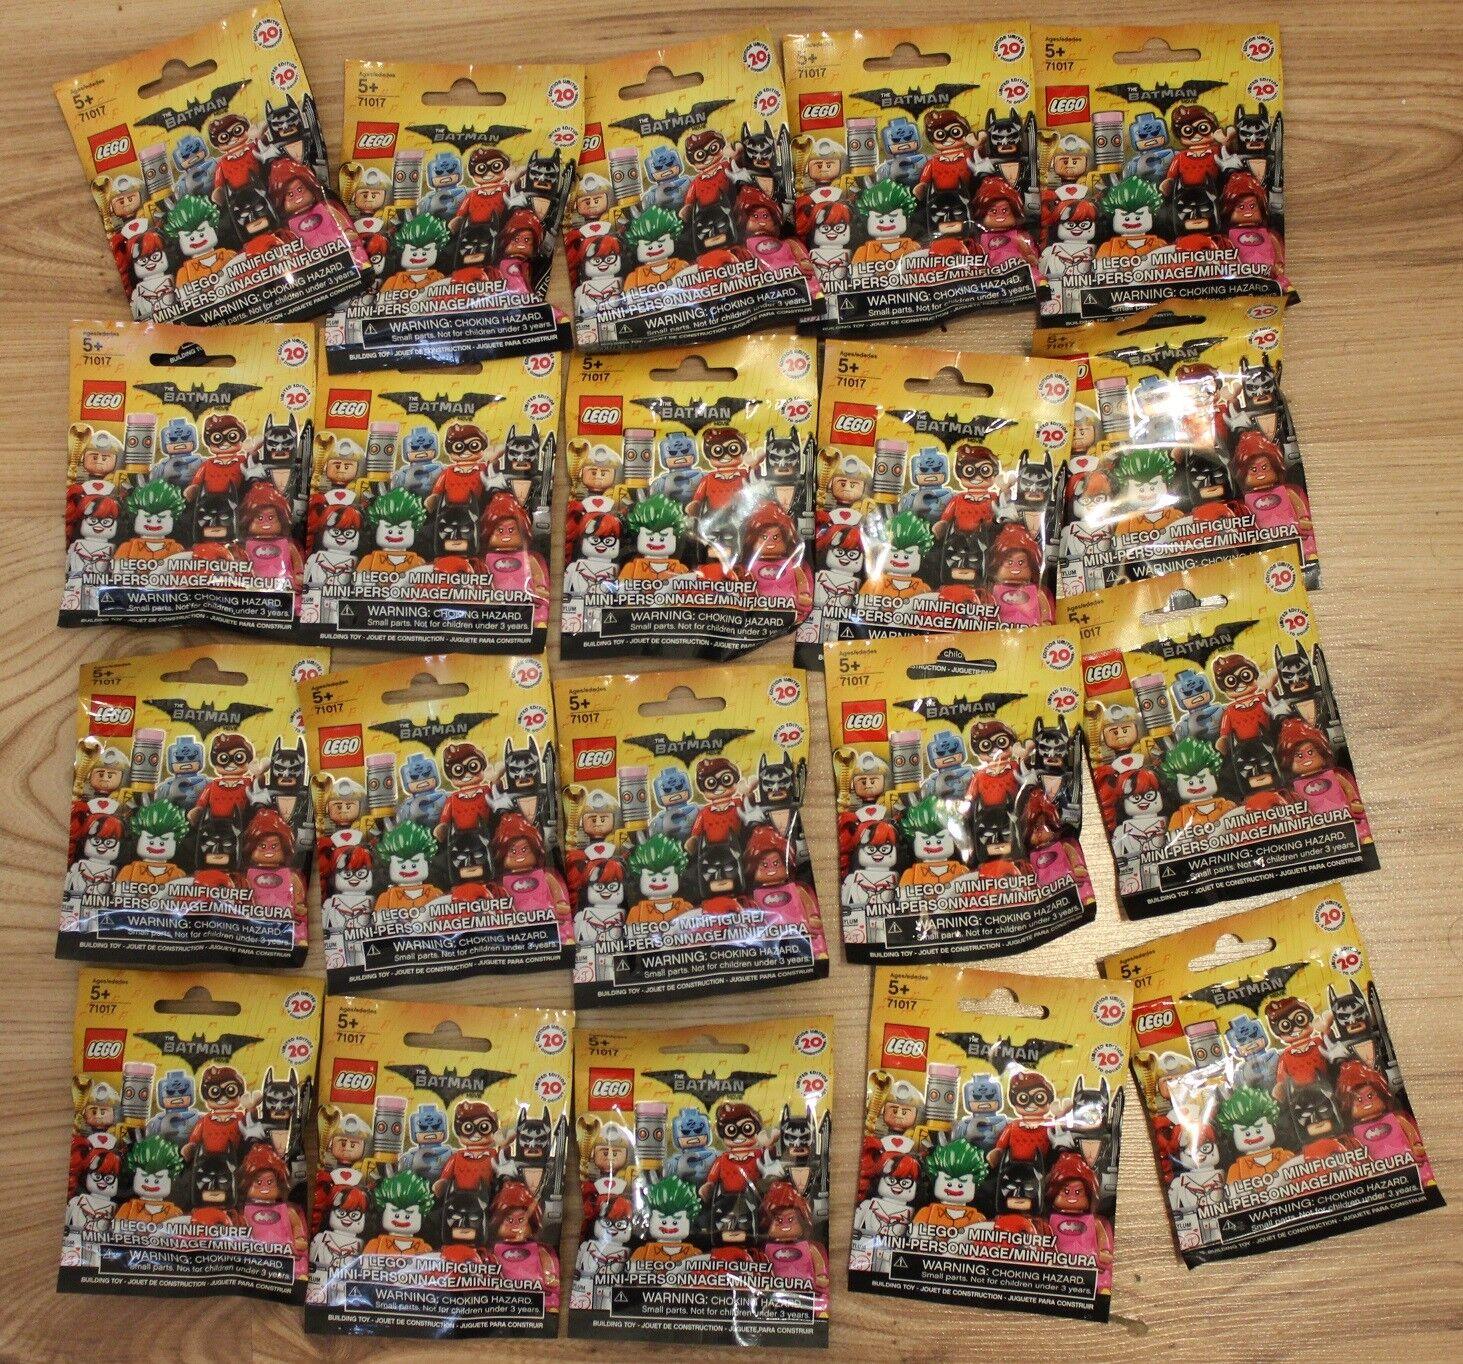 La paix est une bénédiction collection complete lego batFemme minifigure minifigure minifigure movie 71017 08465d